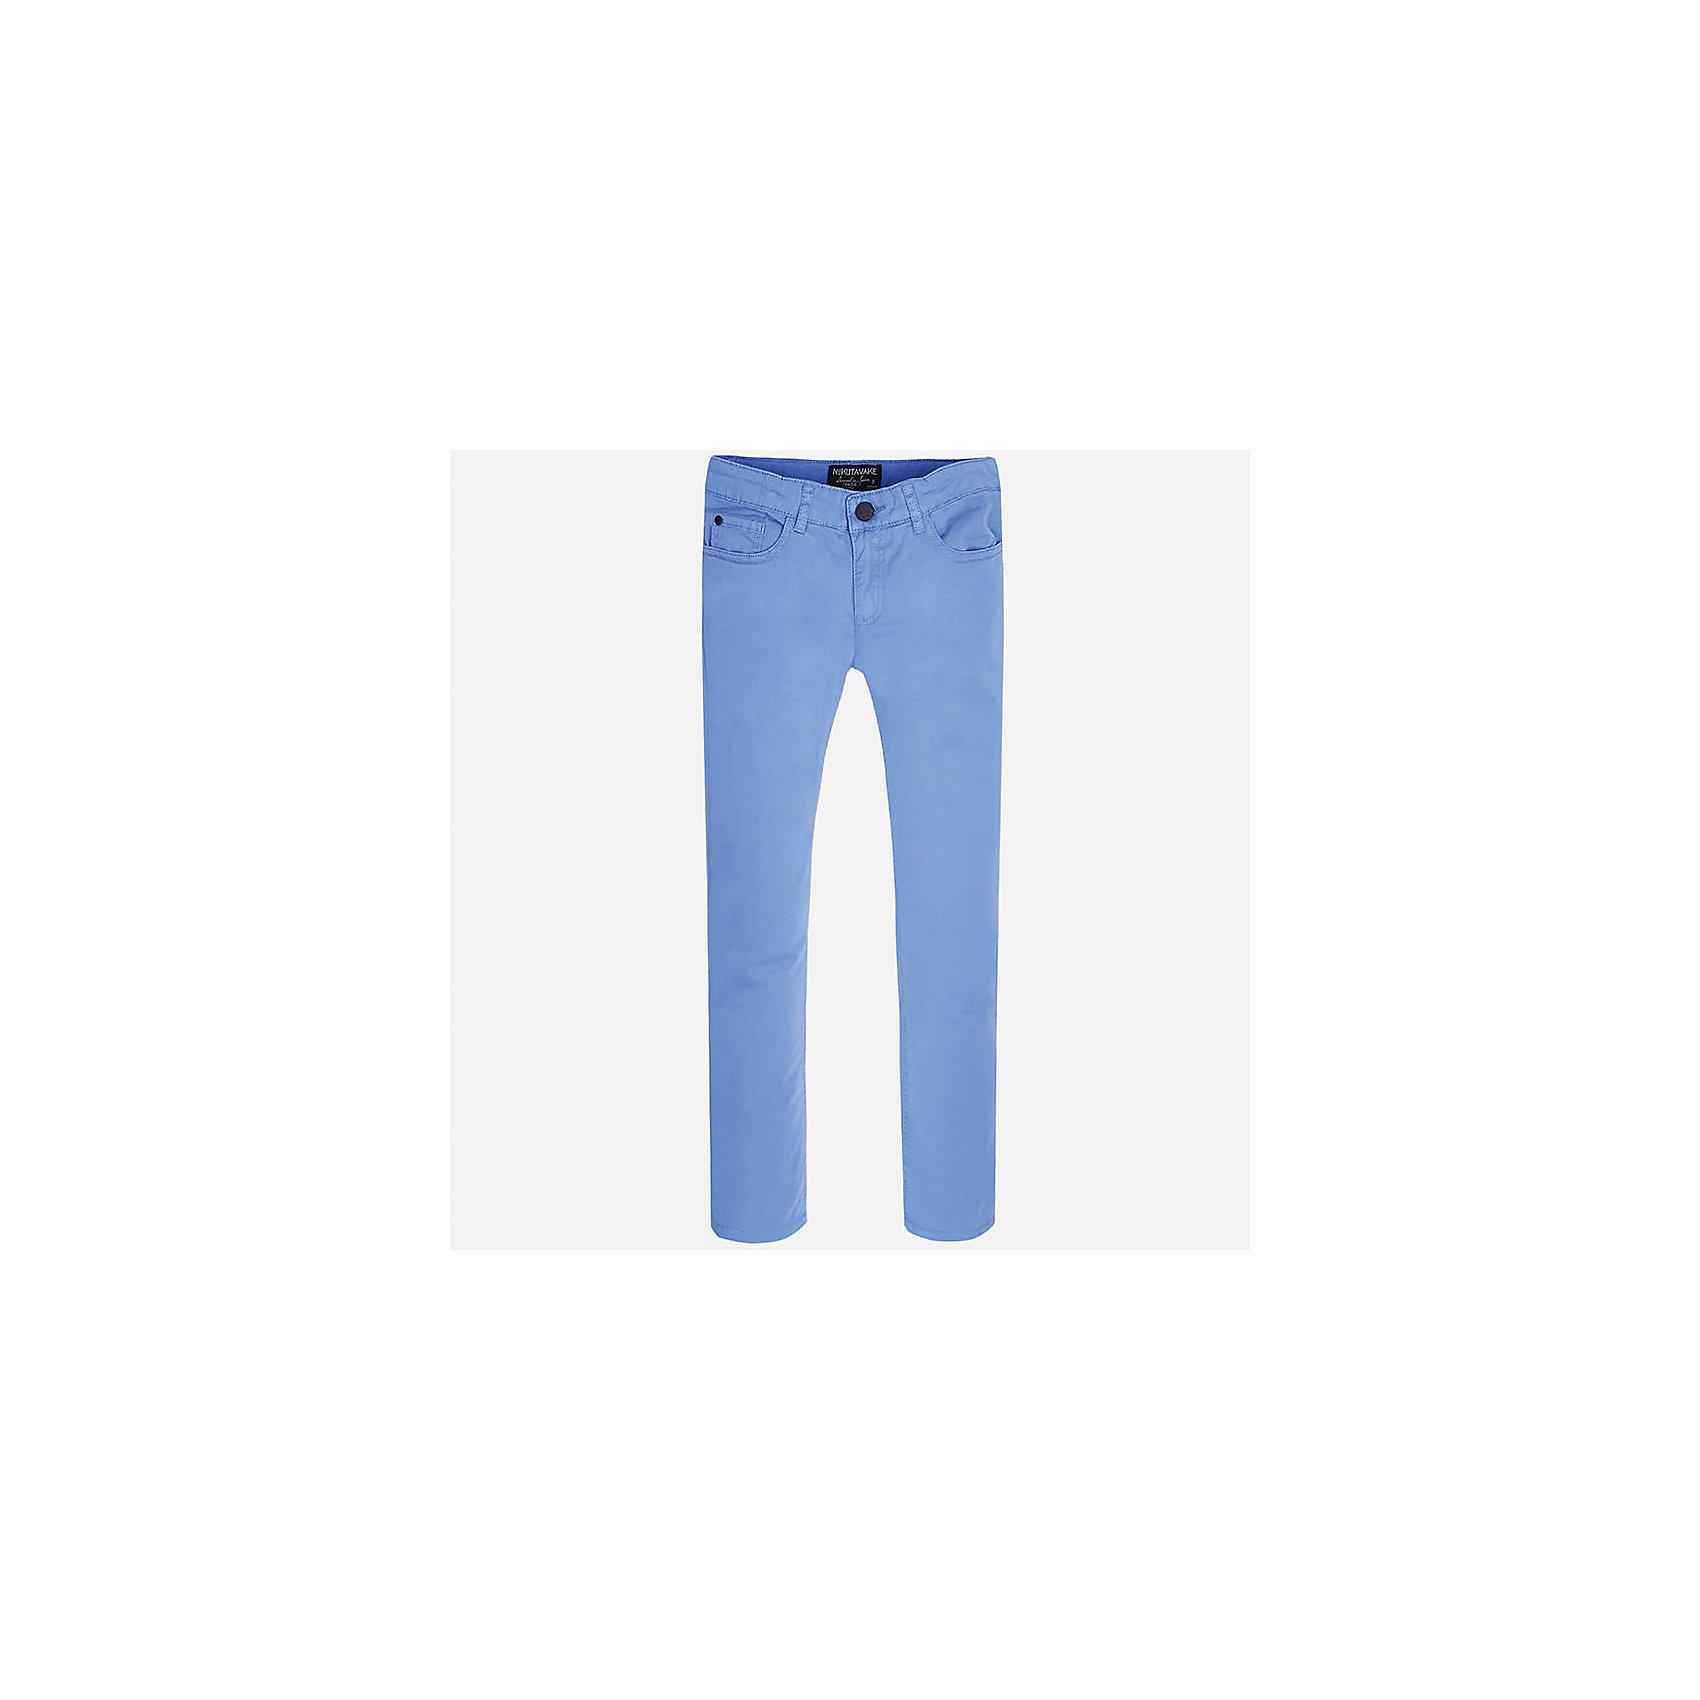 Брюки для мальчика MayoralБрюки<br>Характеристики товара:<br><br>• цвет: голубой<br>• состав: 98% хлопок, 2% эластан<br>• застежка: пуговица<br>• шлевки<br>• карманы<br>• пояс с регулировкой размера<br>• классический силуэт<br>• страна бренда: Испания<br><br>Стильные и удобные брюки для мальчика смогут стать базовой вещью в гардеробе ребенка. Они отлично сочетаются с майками, футболками, рубашками и т.д. Универсальный крой и цвет позволяет подобрать к вещи верх разных расцветок. Практичное и стильное изделие! В составе материала - натуральный хлопок, гипоаллергенный, приятный на ощупь, дышащий.<br><br>Одежда, обувь и аксессуары от испанского бренда Mayoral полюбились детям и взрослым по всему миру. Модели этой марки - стильные и удобные. Для их производства используются только безопасные, качественные материалы и фурнитура. Порадуйте ребенка модными и красивыми вещами от Mayoral! <br><br>Брюки для мальчика от испанского бренда Mayoral (Майорал) можно купить в нашем интернет-магазине.<br><br>Ширина мм: 215<br>Глубина мм: 88<br>Высота мм: 191<br>Вес г: 336<br>Цвет: голубой<br>Возраст от месяцев: 132<br>Возраст до месяцев: 144<br>Пол: Мужской<br>Возраст: Детский<br>Размер: 158,128/134,140,152,164,170<br>SKU: 5278108